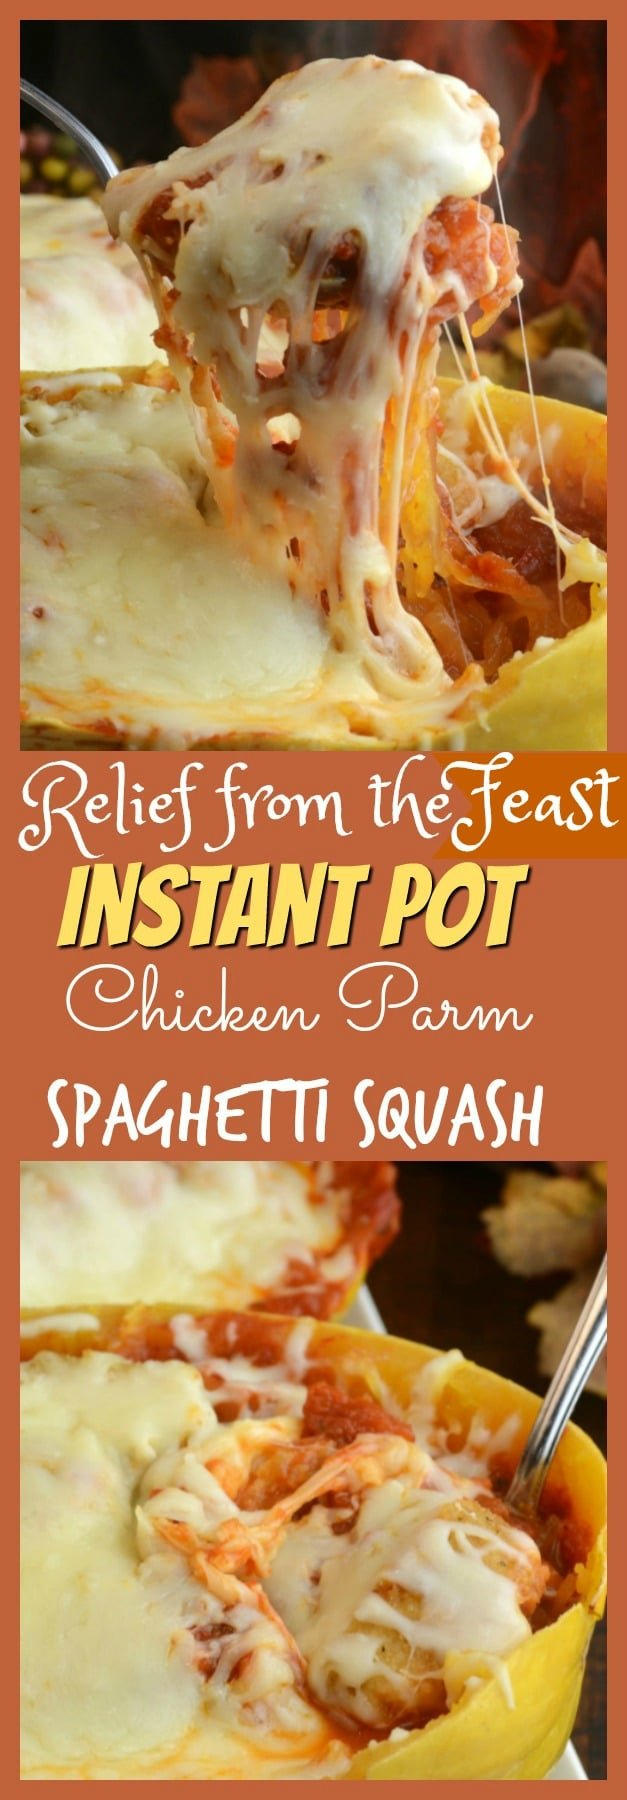 instant-pot-chicken-parm-spaghetti-squash